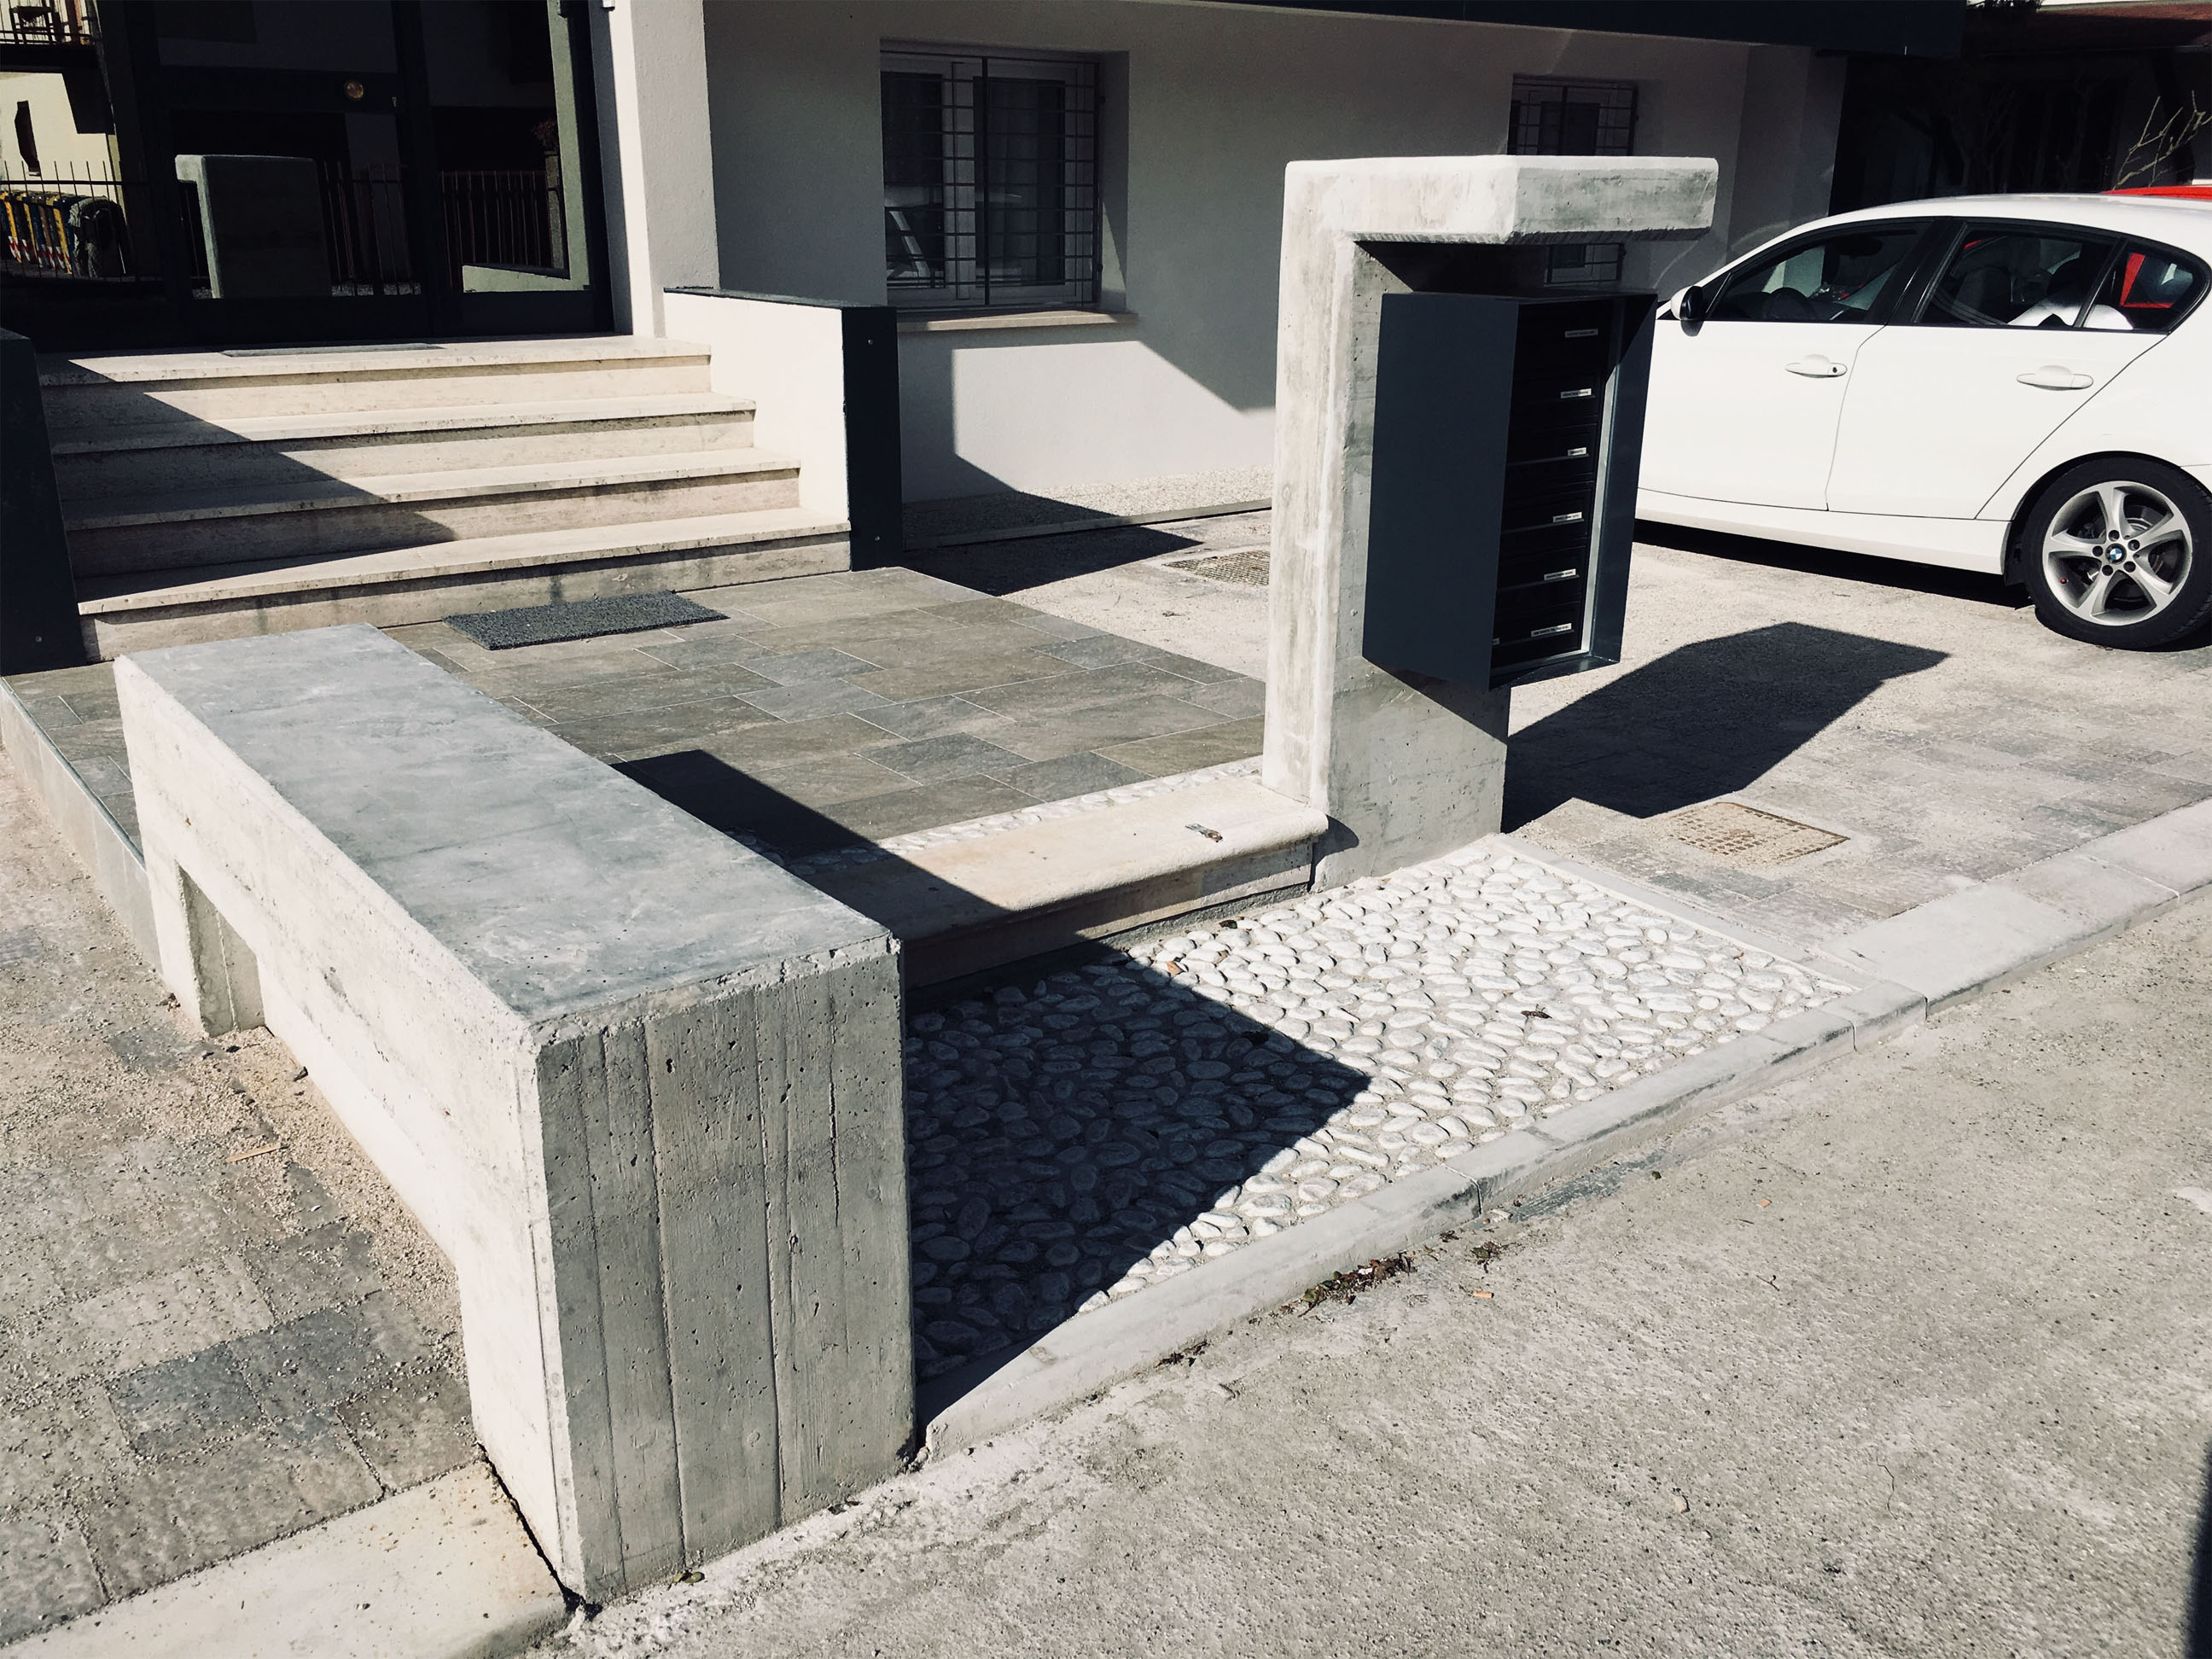 Treviso - Camere in Affitto - San Zeno - Studio Architettura Zanatta 07